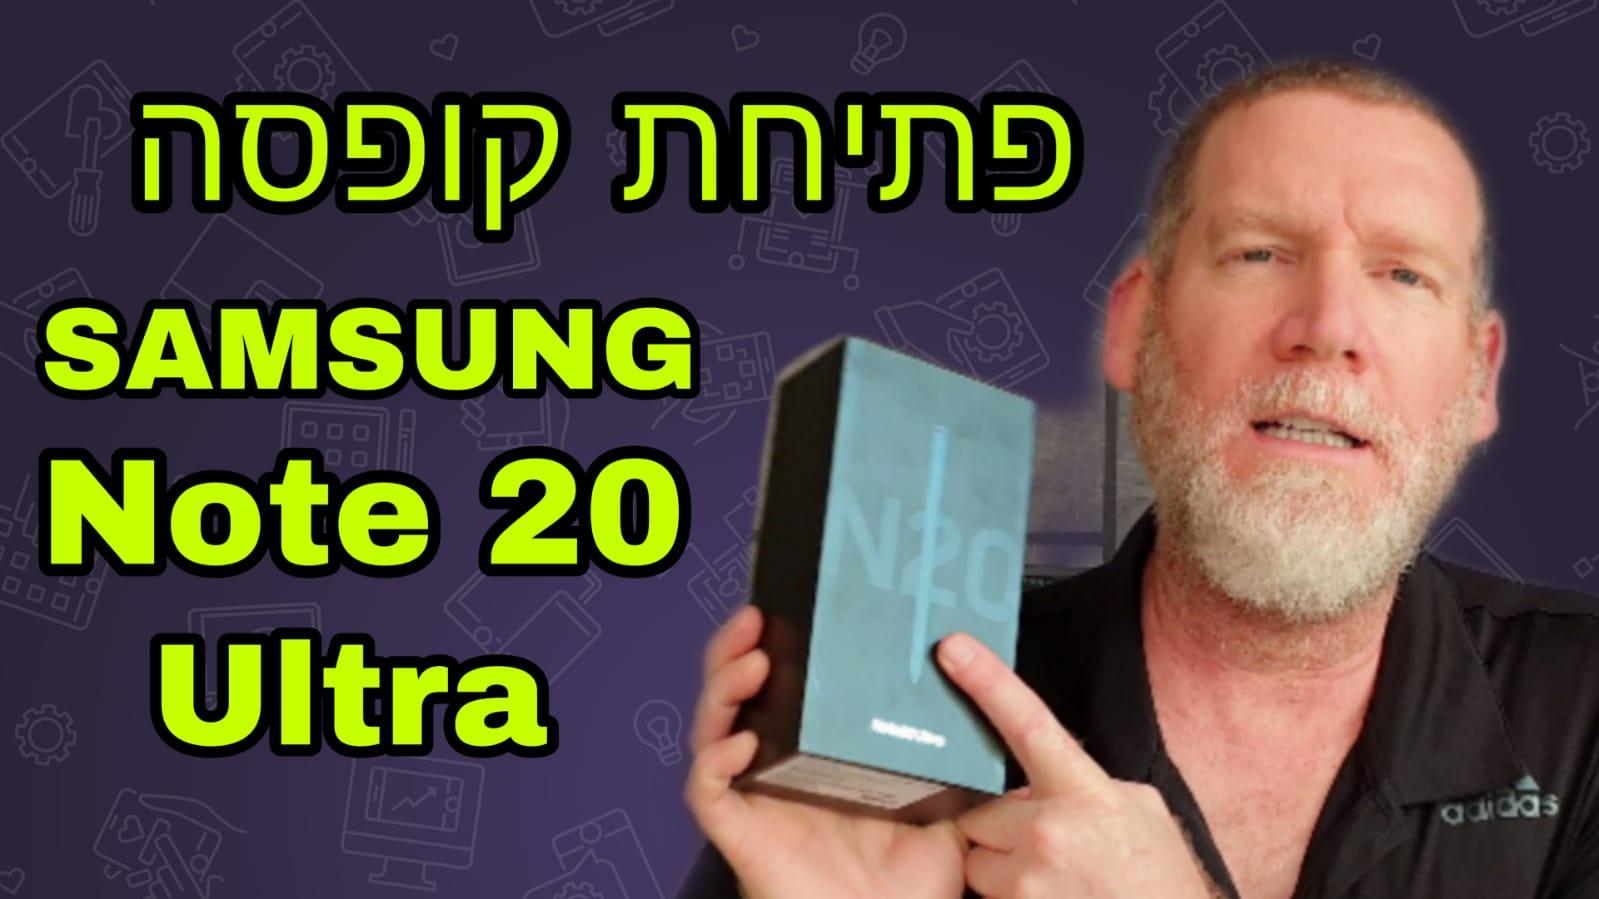 מה מגיע באריזה: פתיחת קופסה של Samsung Galaxy Note 20 Ultra